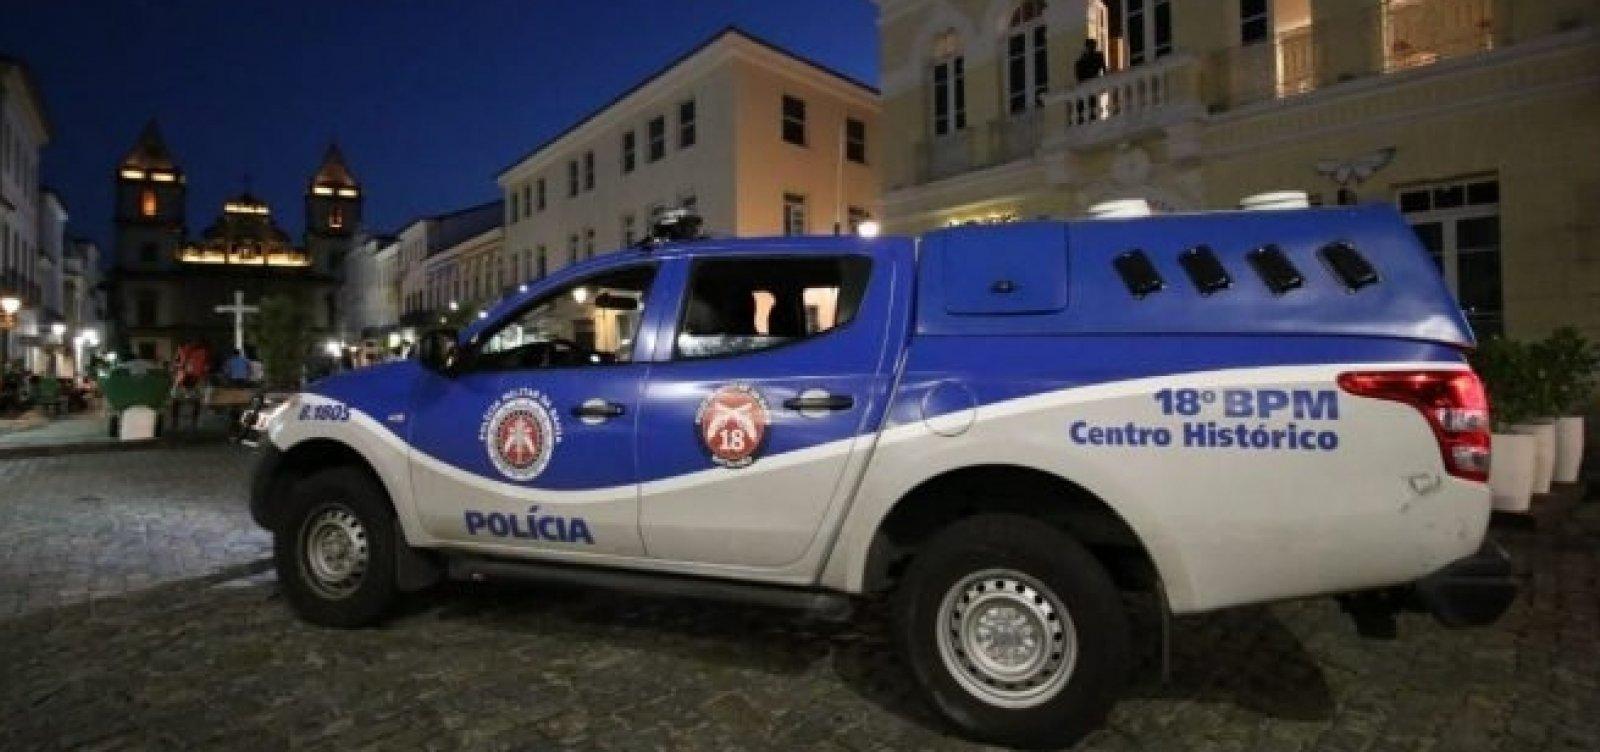 PM terá reforço de 7,5 mil policiais durante Operação de São João